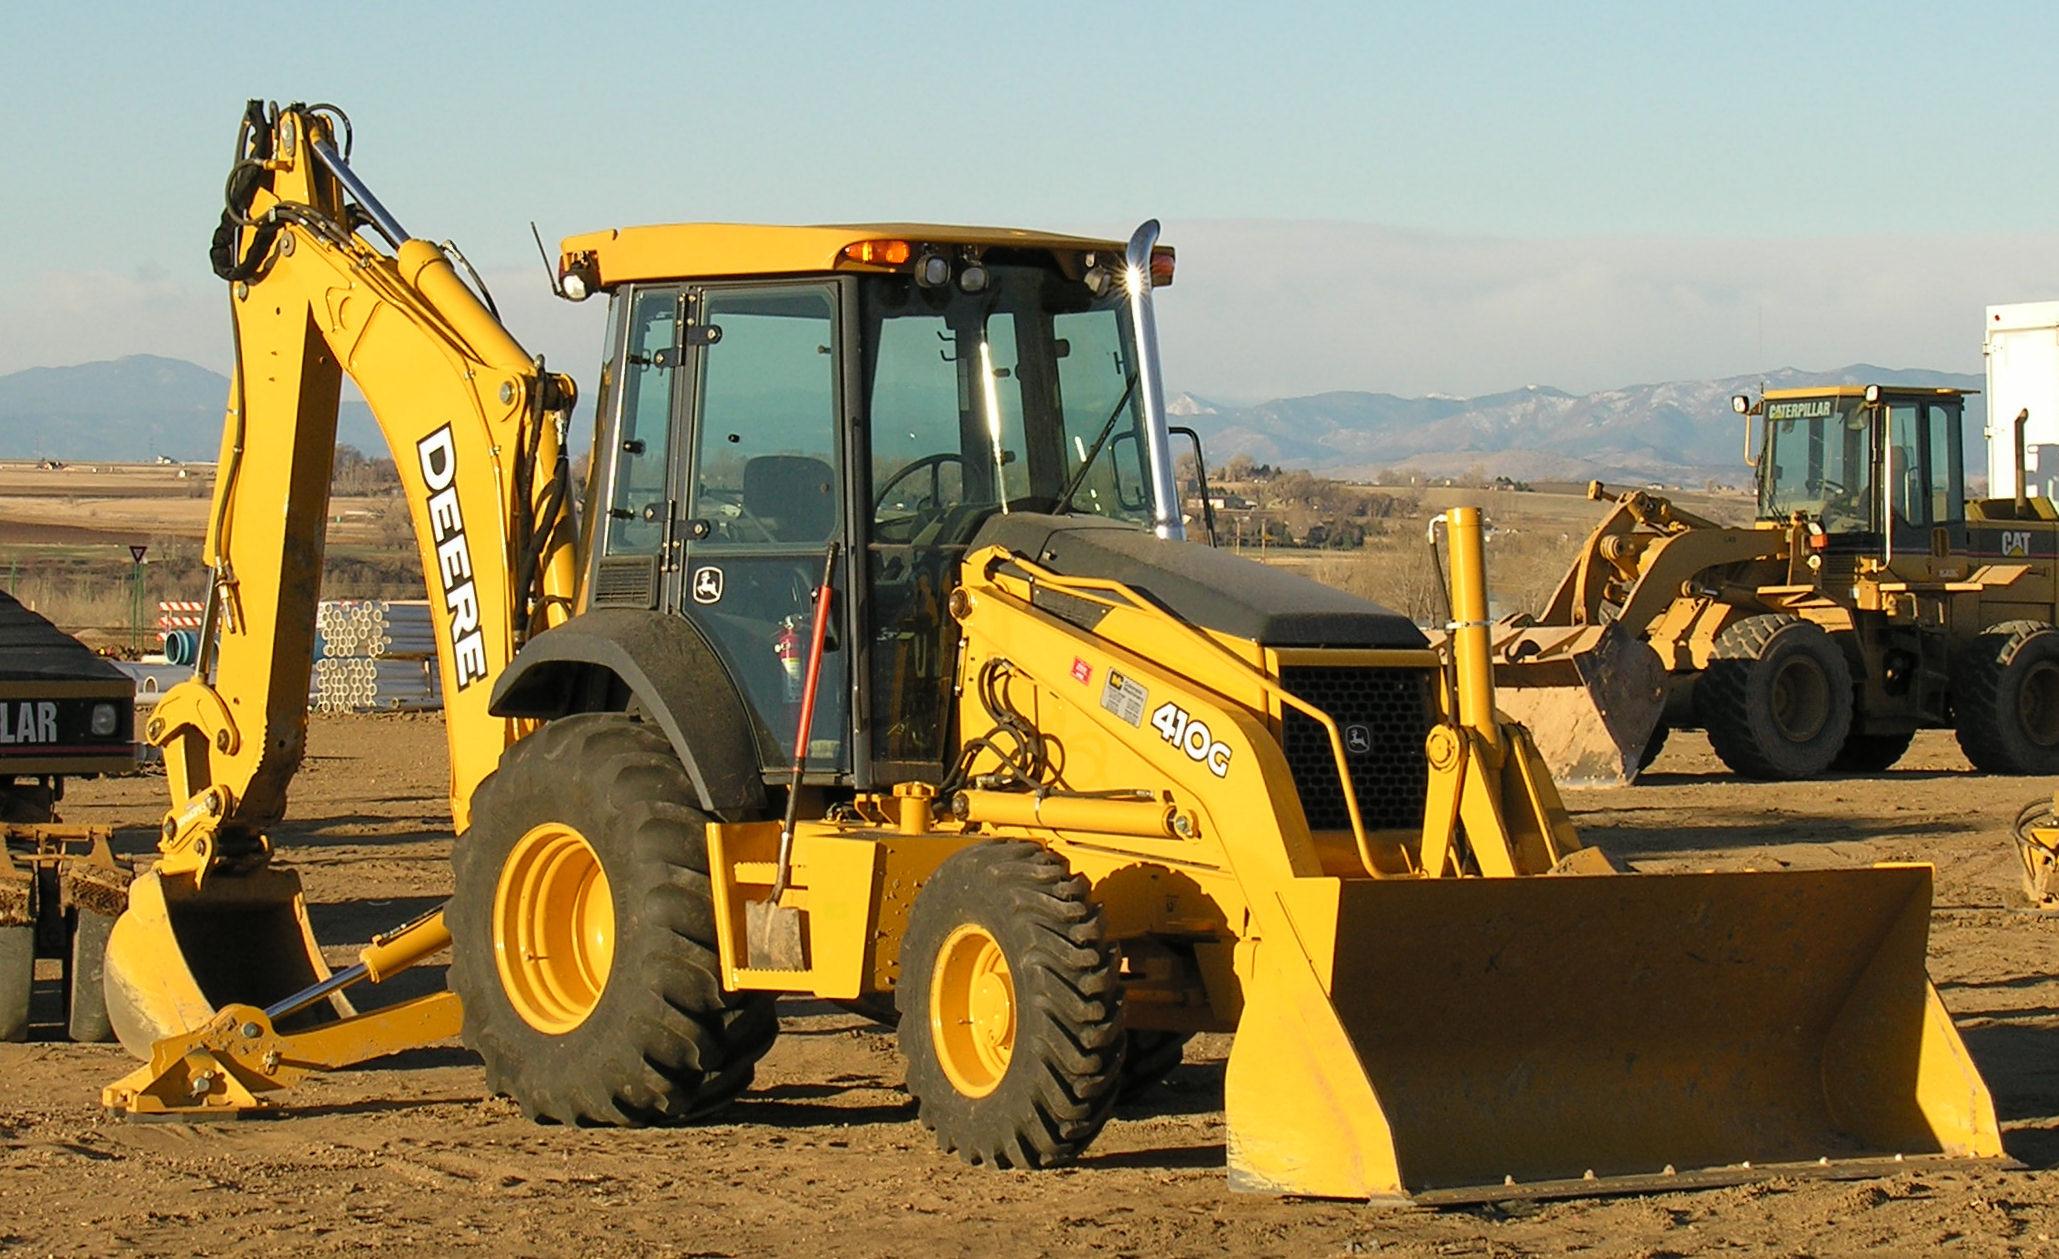 John Deere JD410 Tractor Loader Backhoe Service Manuals Download - John  Deere Tractors